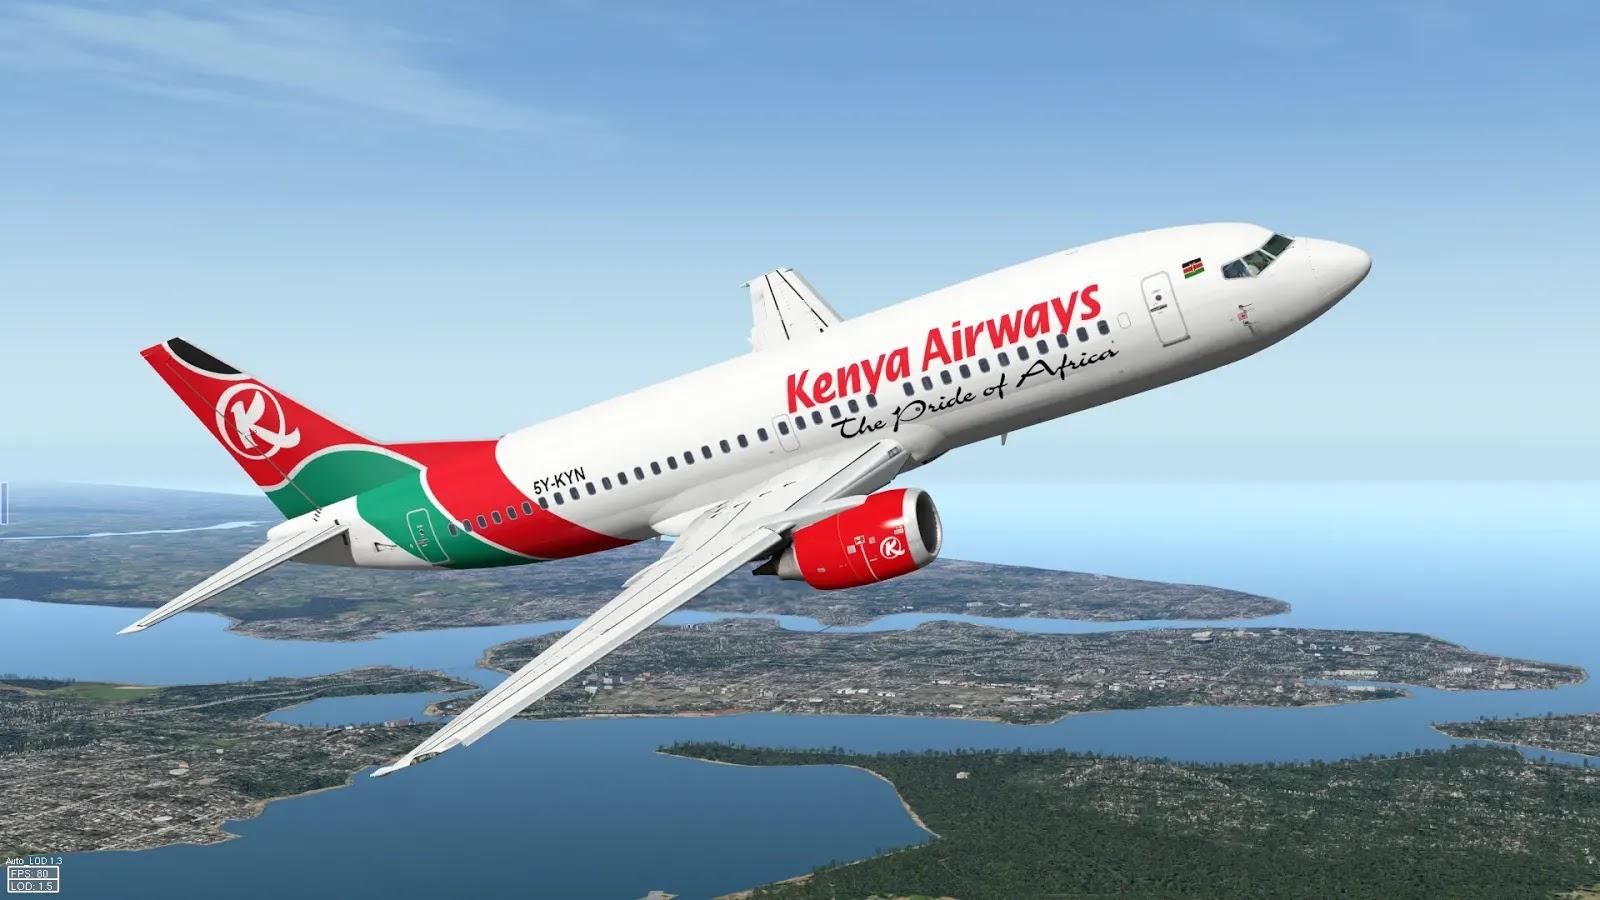 Kenya Airways Issues Statement On Corona Virus Whistleblower